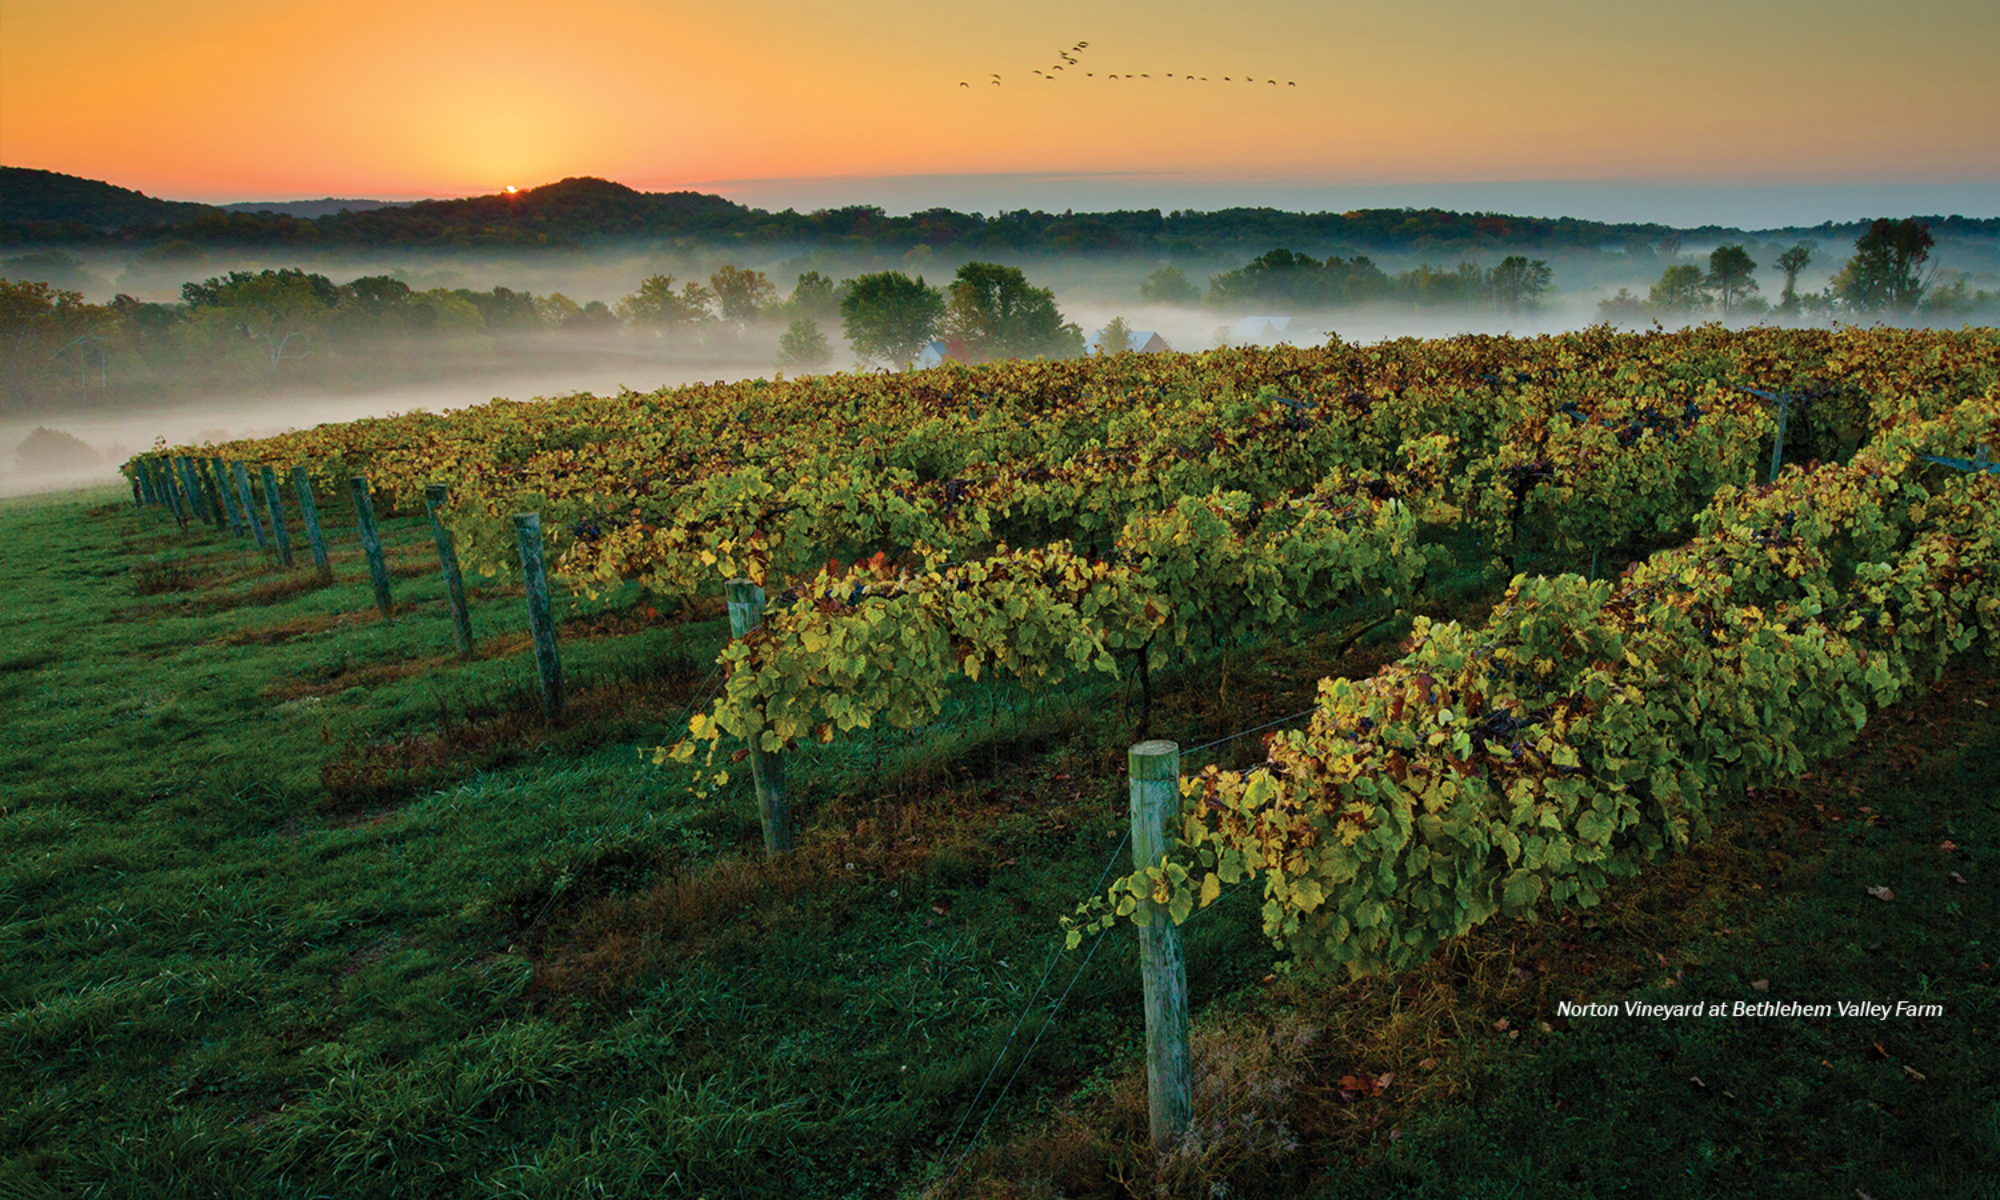 Bethlehem Valley Vineyards